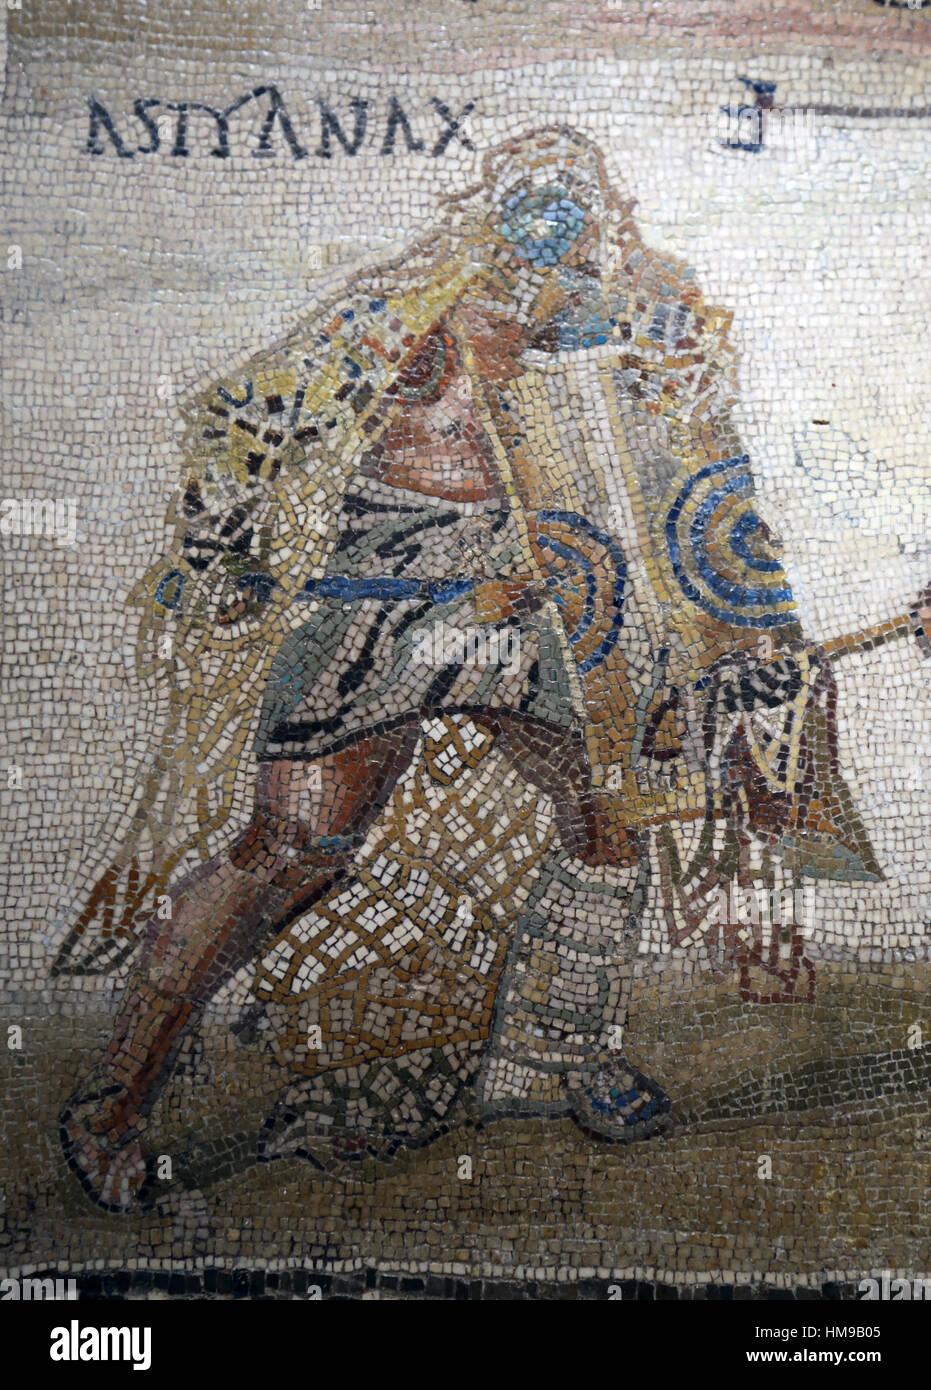 Secutor versus retiarius. Mosaic. Limestone. 3rd century. Rome. Secutor versus retiarius. Mosaic.  3rd century. - Stock Image